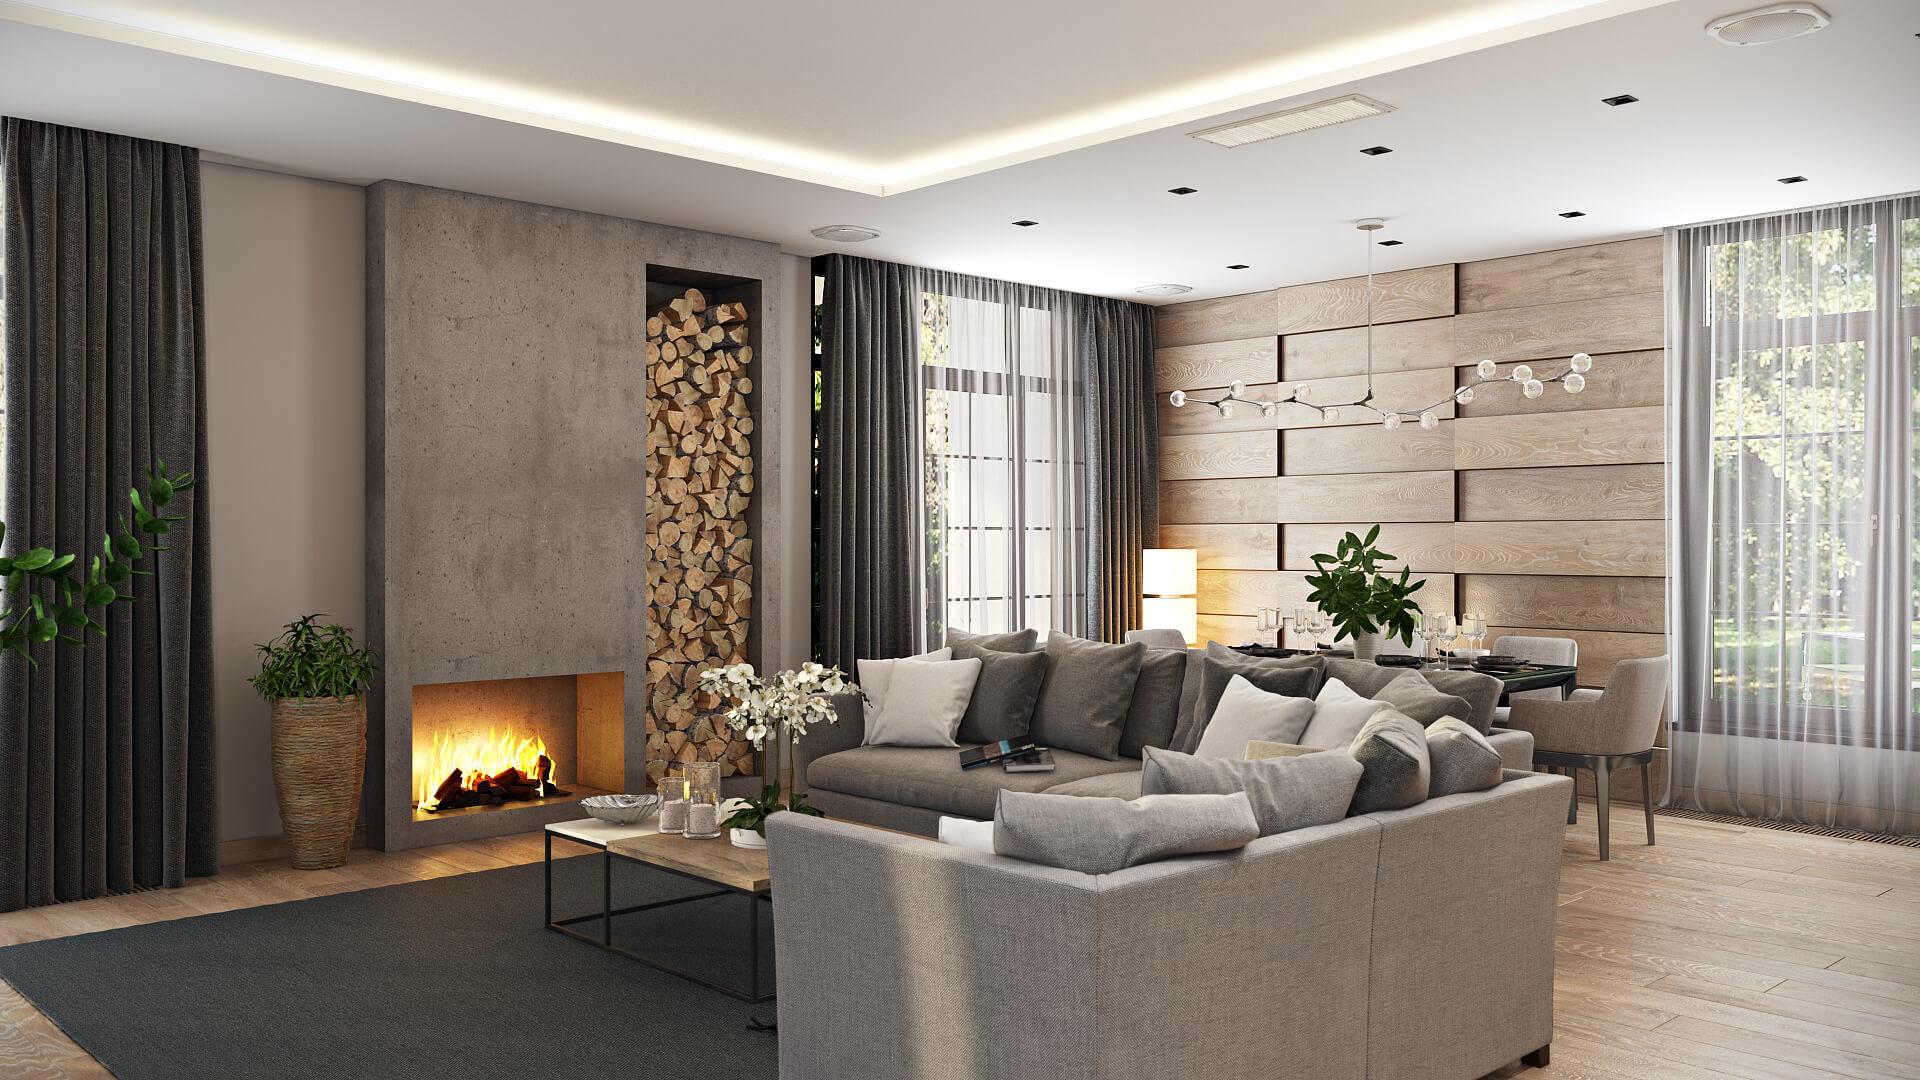 Сэкономить на ремонте квартиры: подбор материалов для гостиной с камином